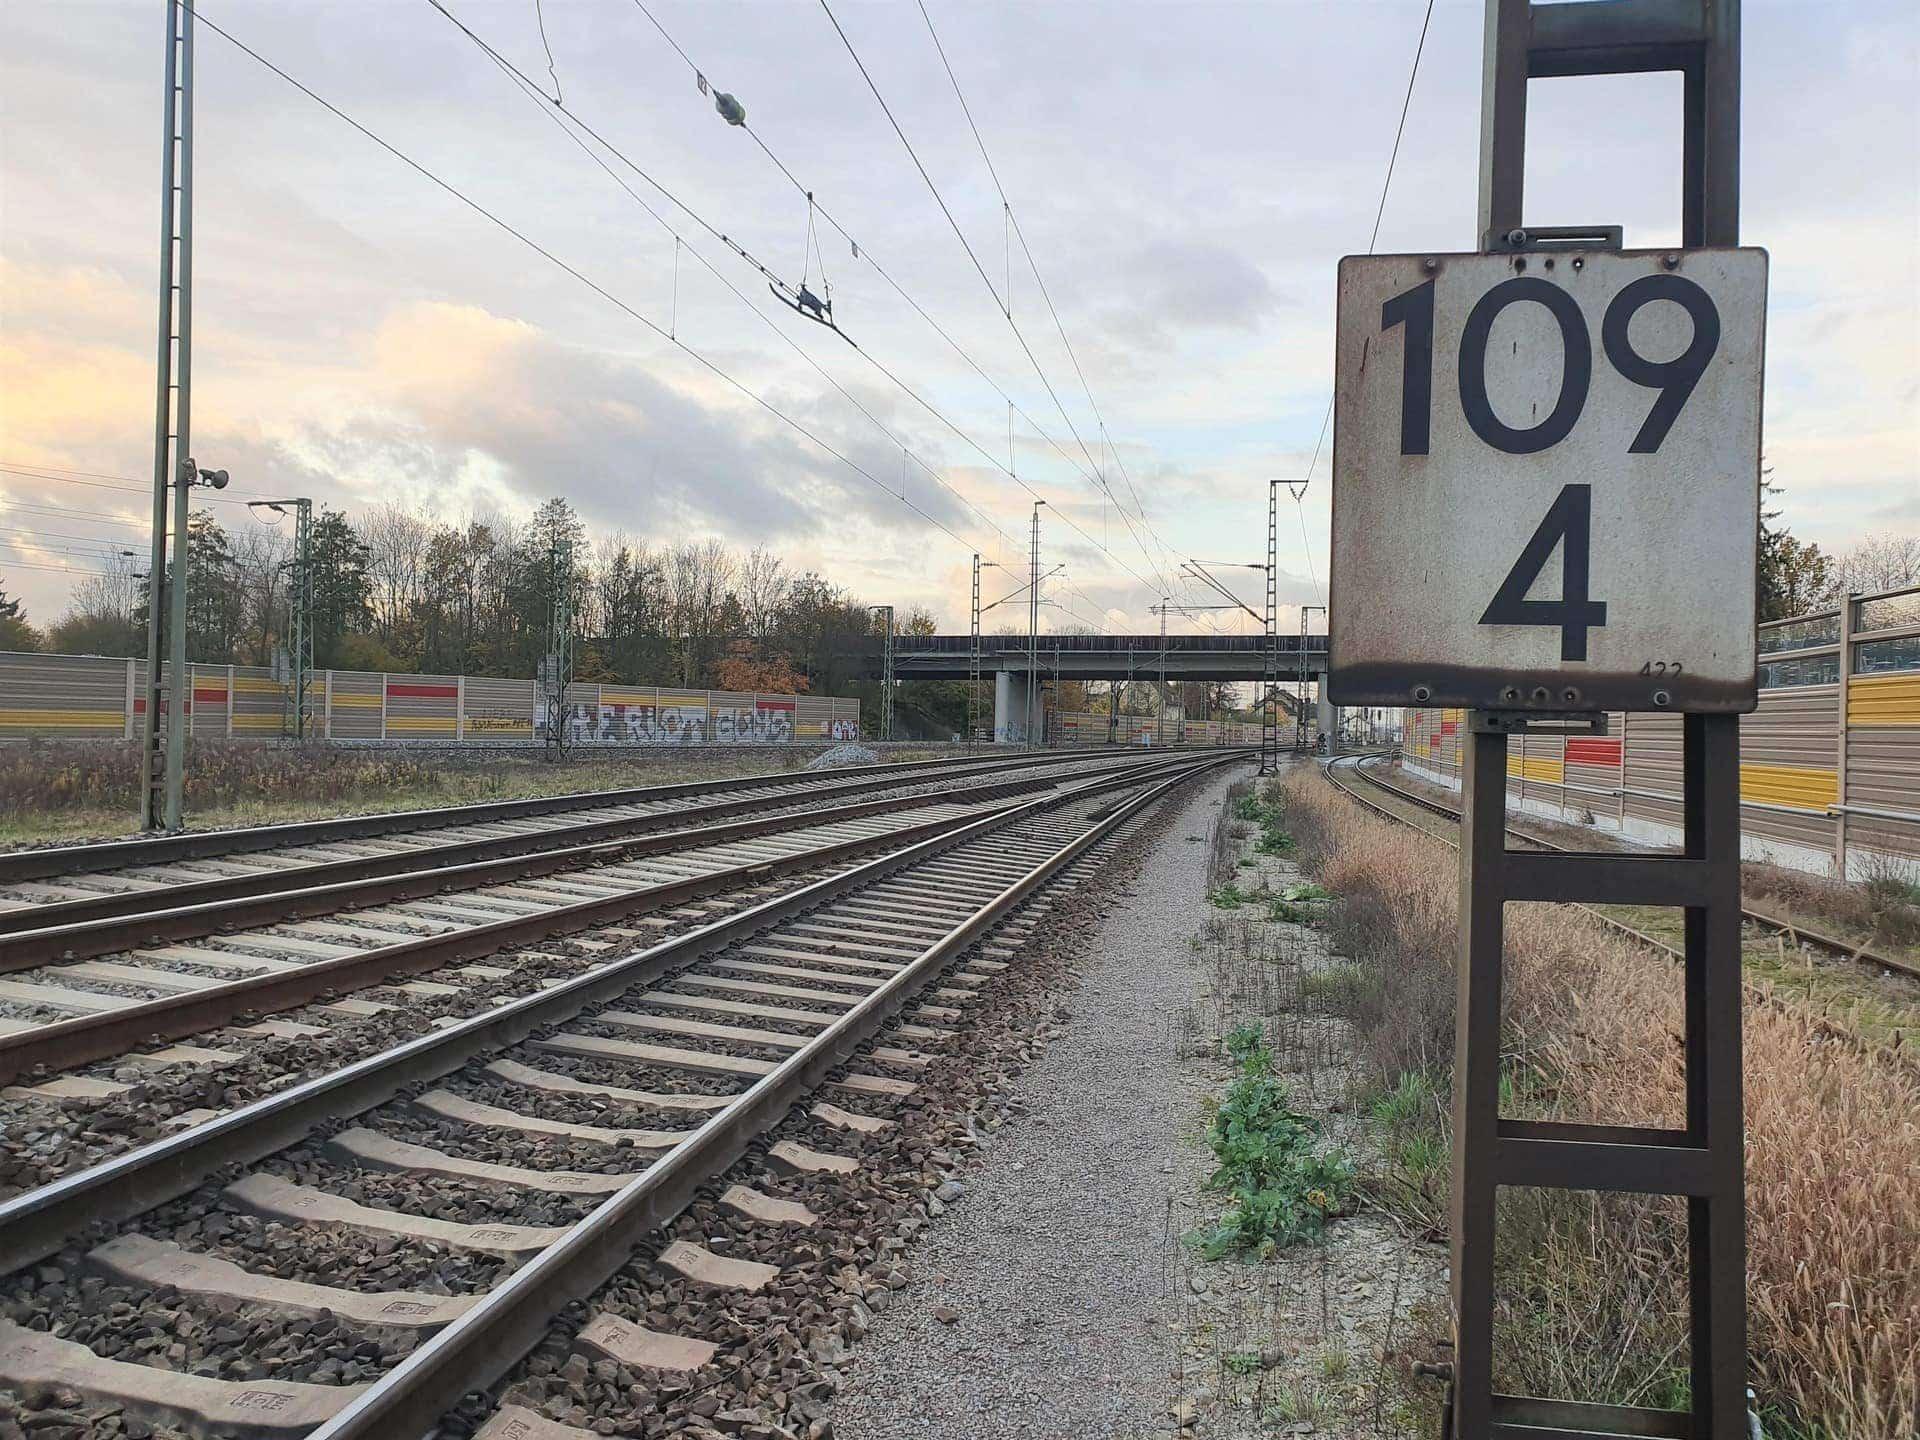 Elektrifizierung der Bahnstrecke zwischen Regensburg und Hof Gesetz soll Großprojekt beschleunigen